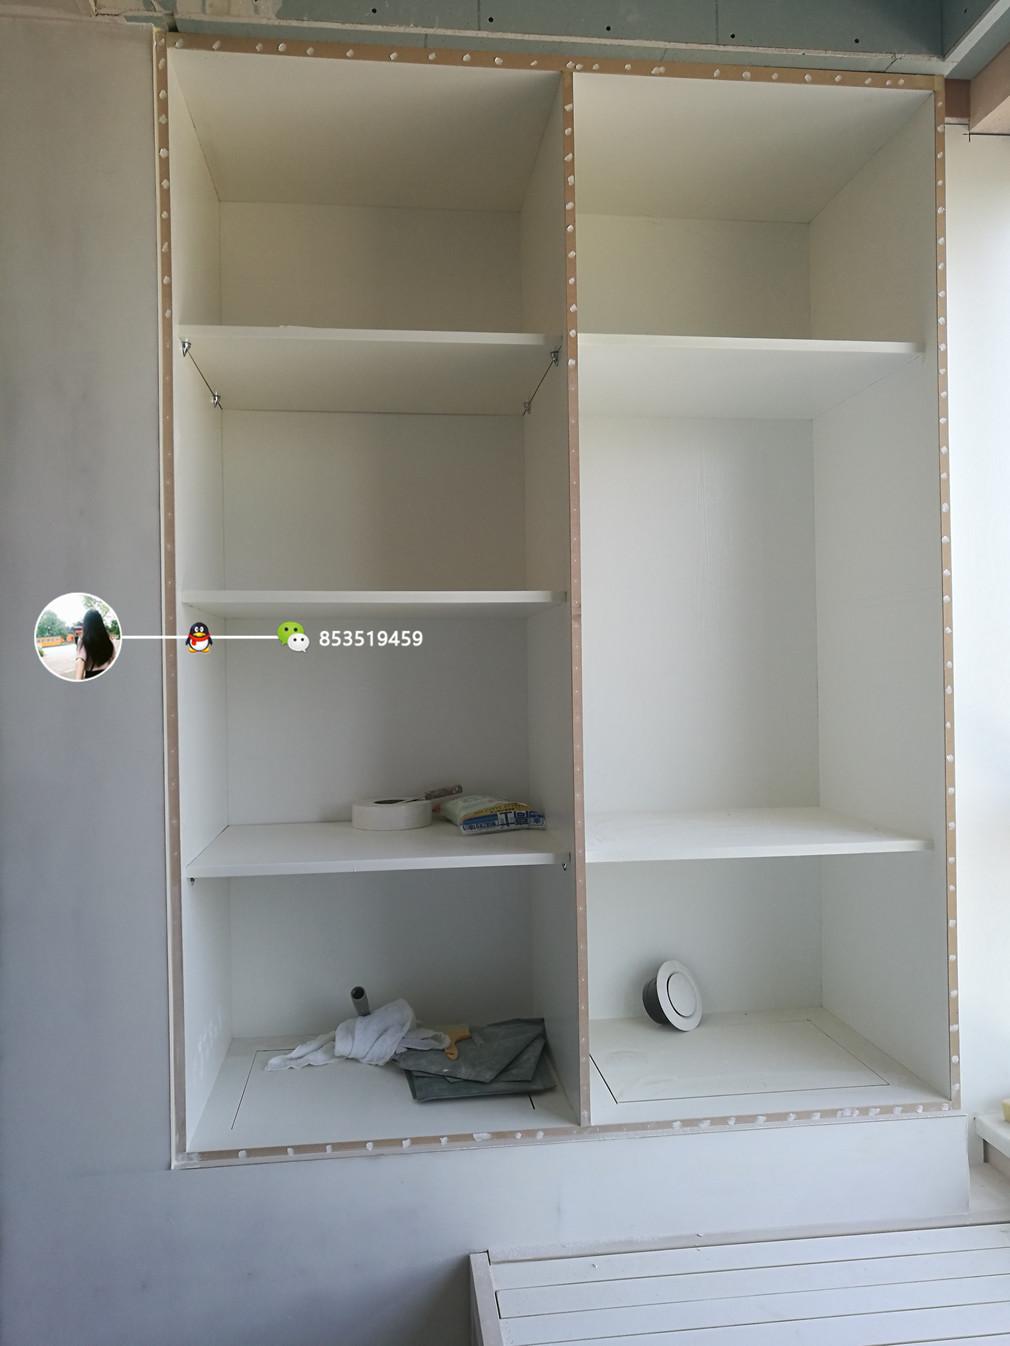 榻榻米一头的衣柜还没安装柜门,最底下一层还有暗格,看出来了没图片